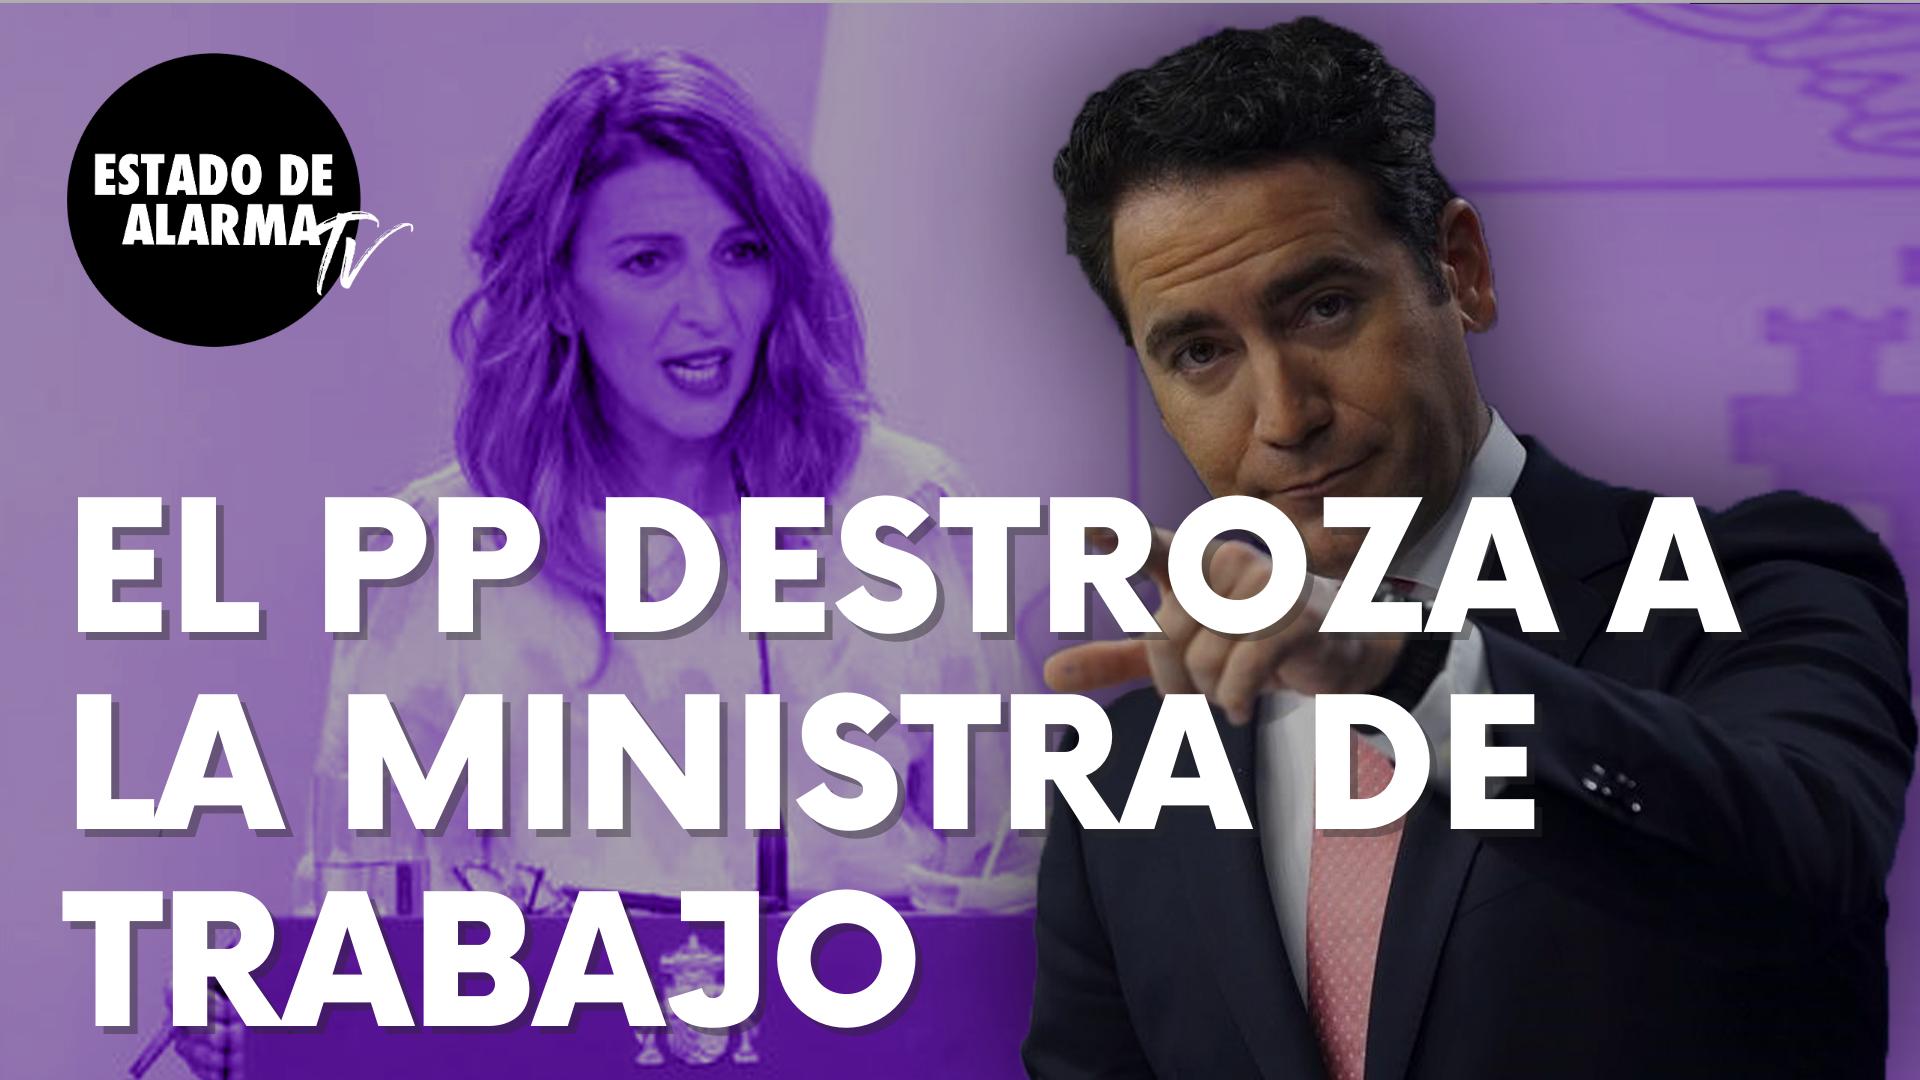 """El popular Teo García Egea destroza a la ministra de Trabajo, Yolanda Díaz: """"Ha perdido la suerte"""""""